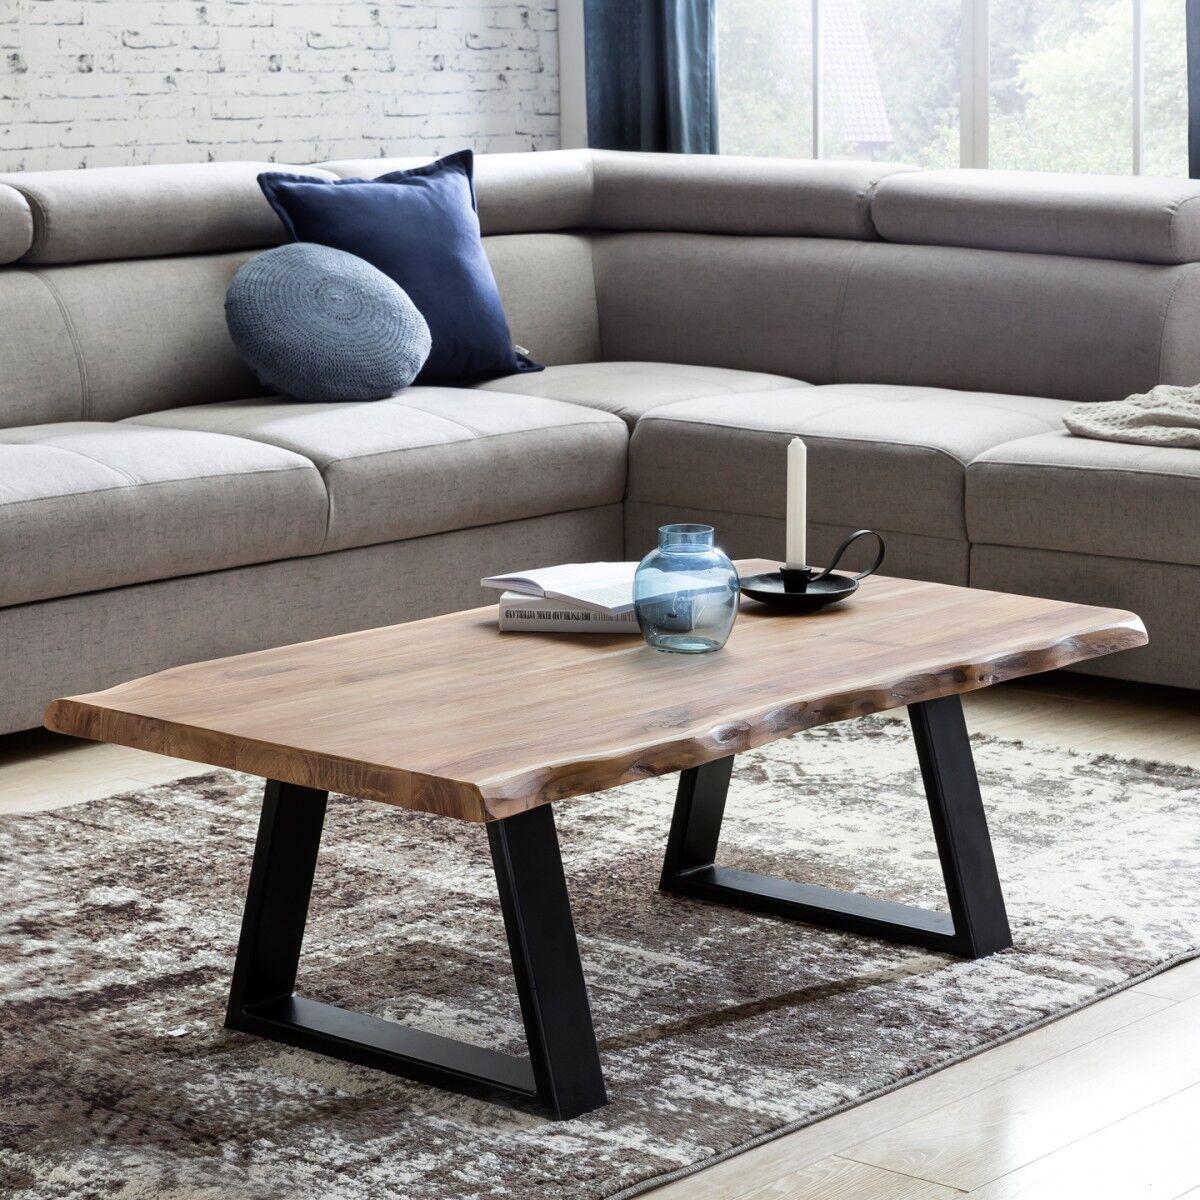 finebuy couchtisch massivholz akazie 115 x 60 cm baumstamm wohnzimmertisch neu couchtische. Black Bedroom Furniture Sets. Home Design Ideas